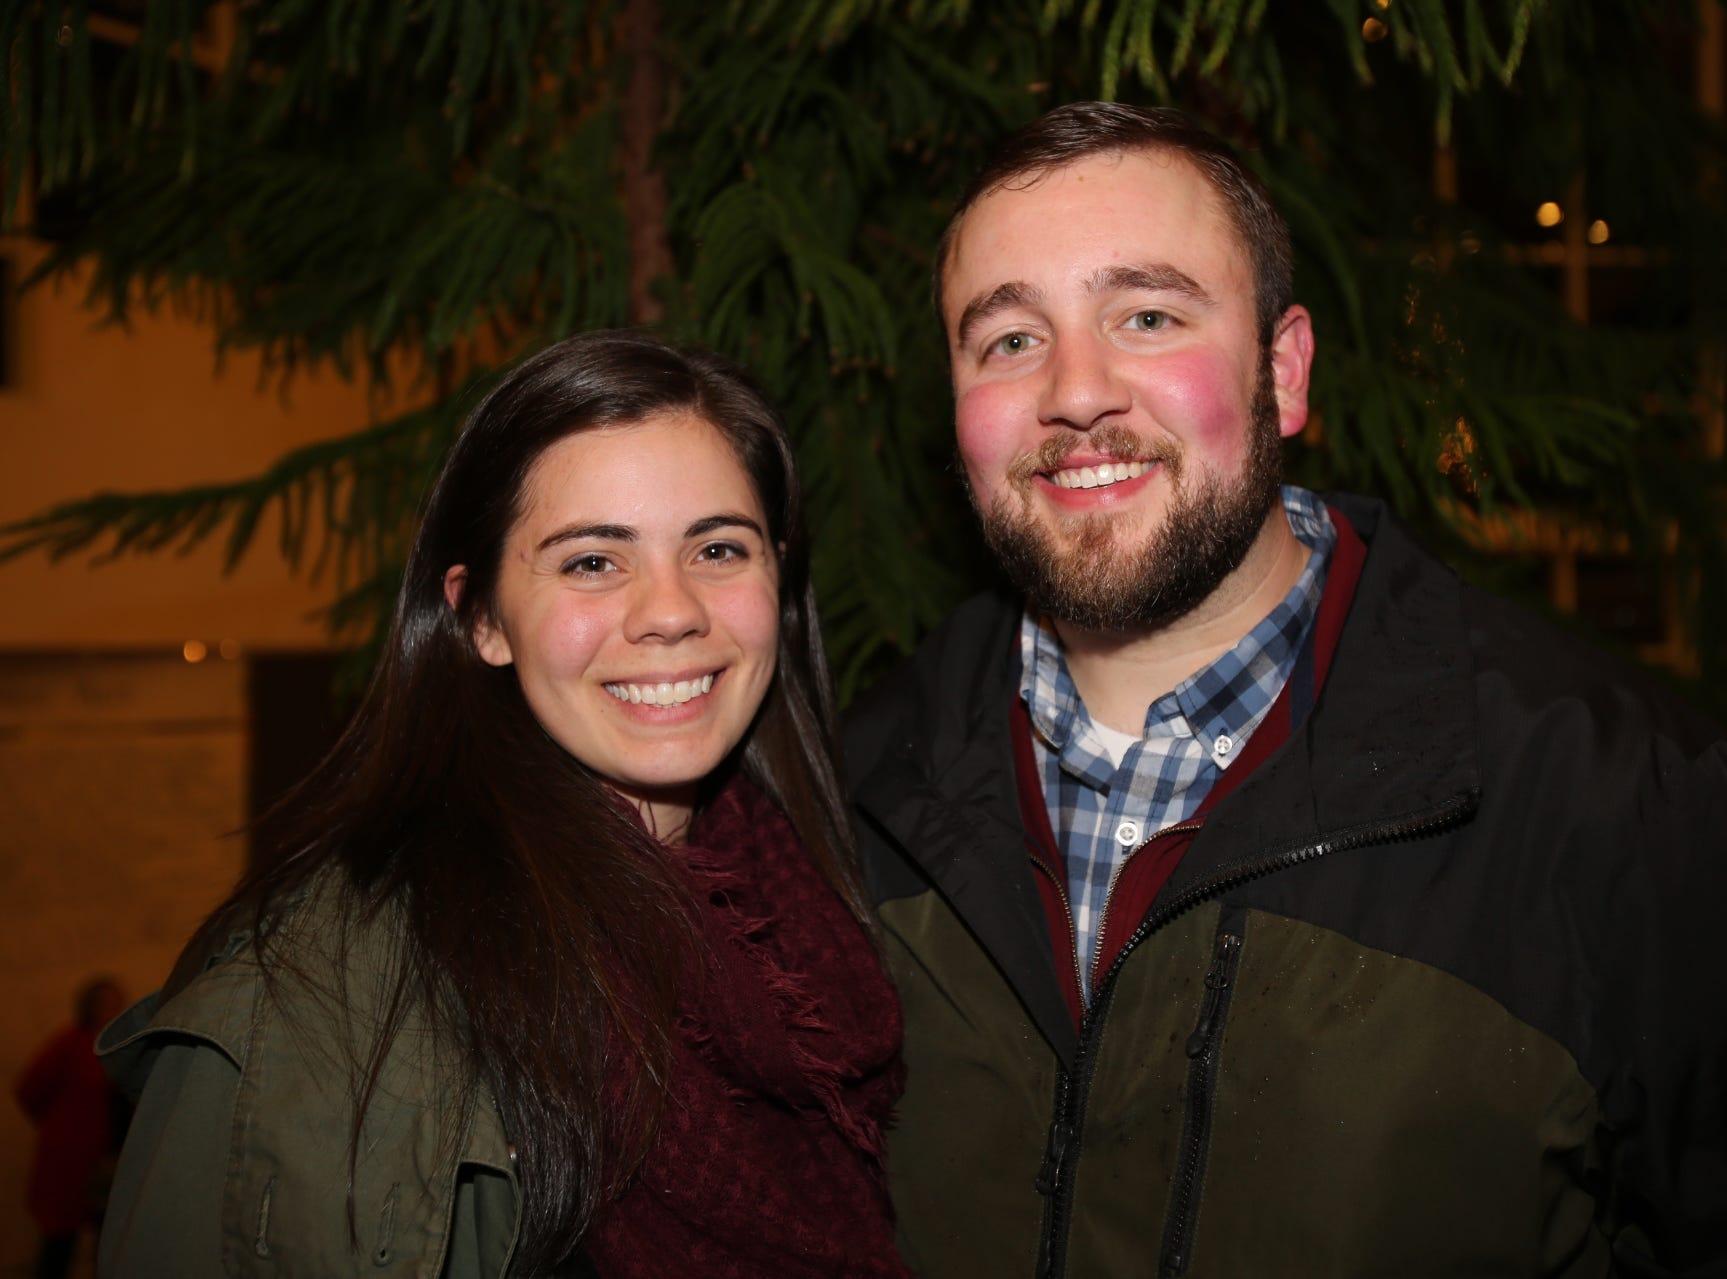 Katie and Matthew James